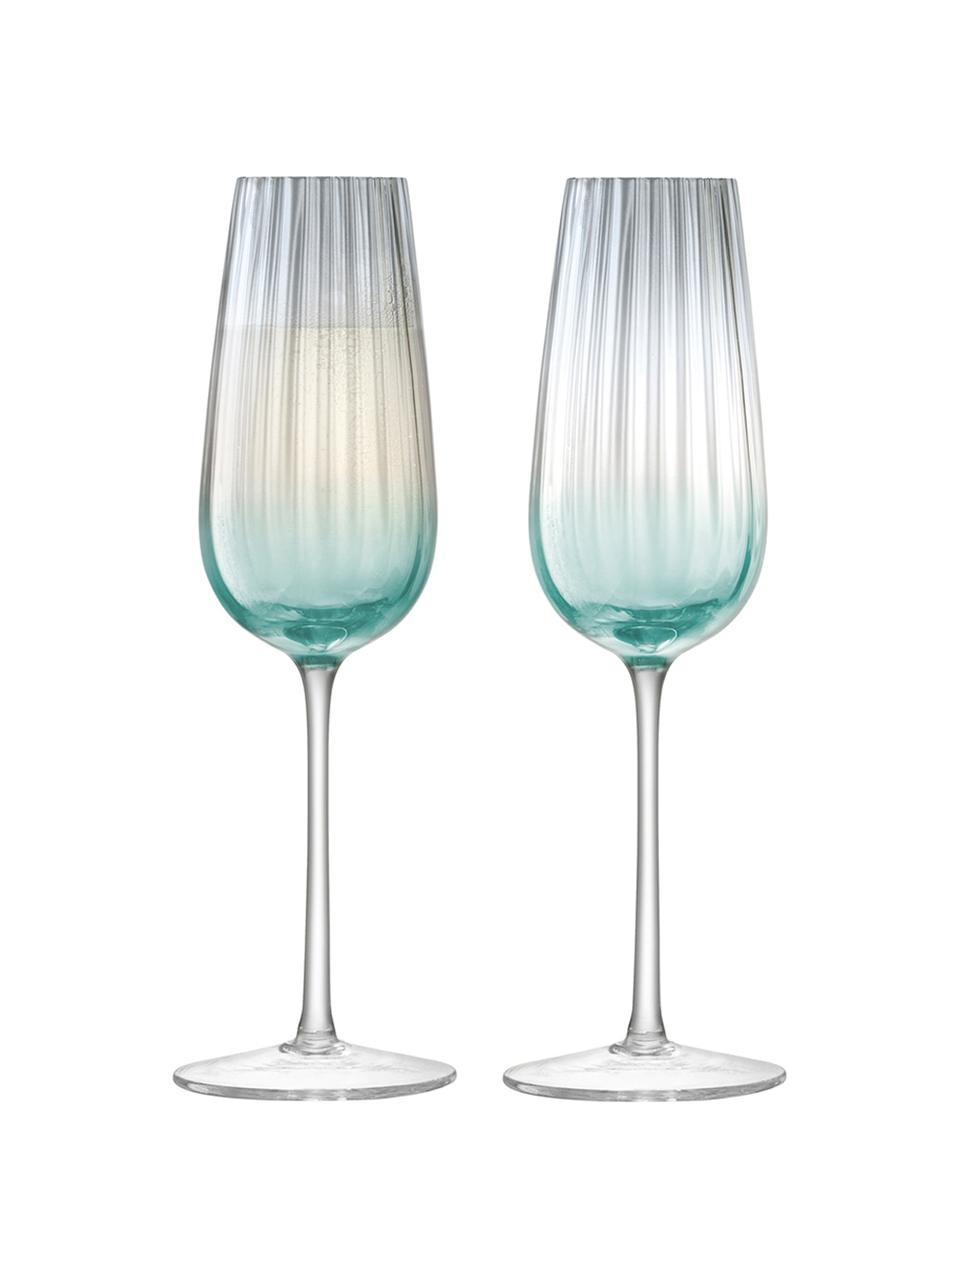 Ručně vyrobená sklenice na sekt sbarevným přechodem Dusk, 2 ks, Zelená, šedá